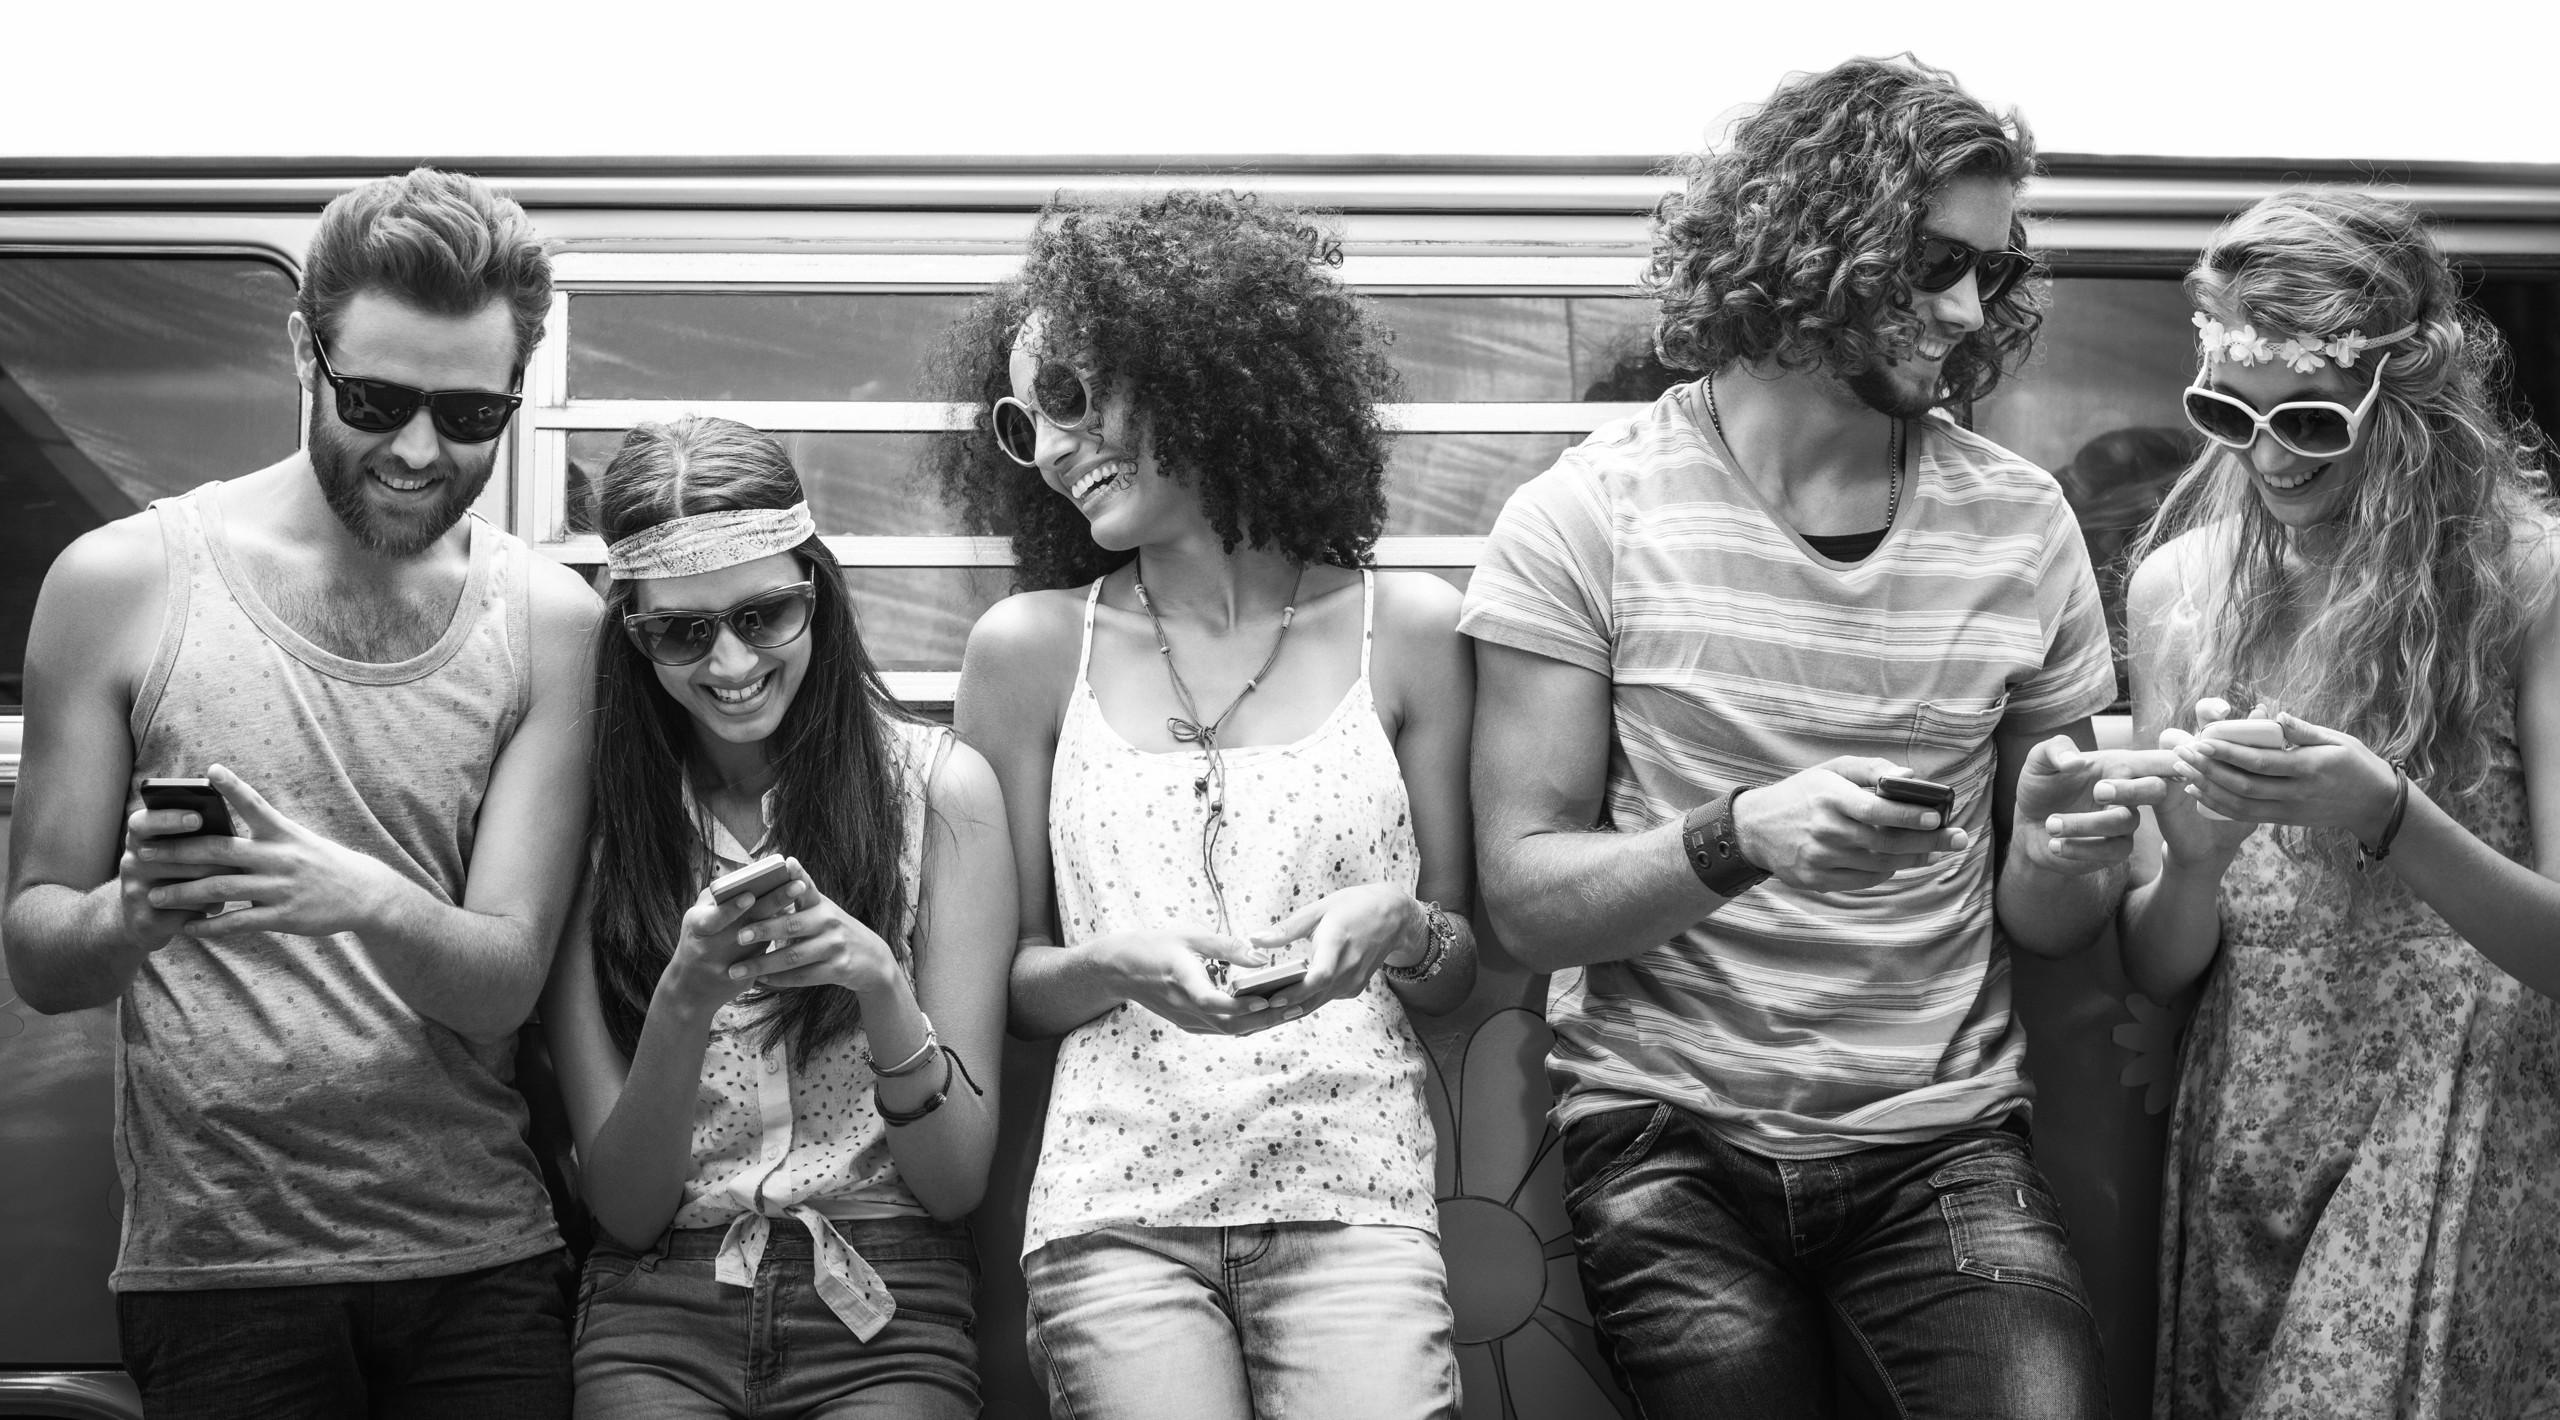 Viajá y comunicate alrededor del mundo a bajo costo con ChatSim